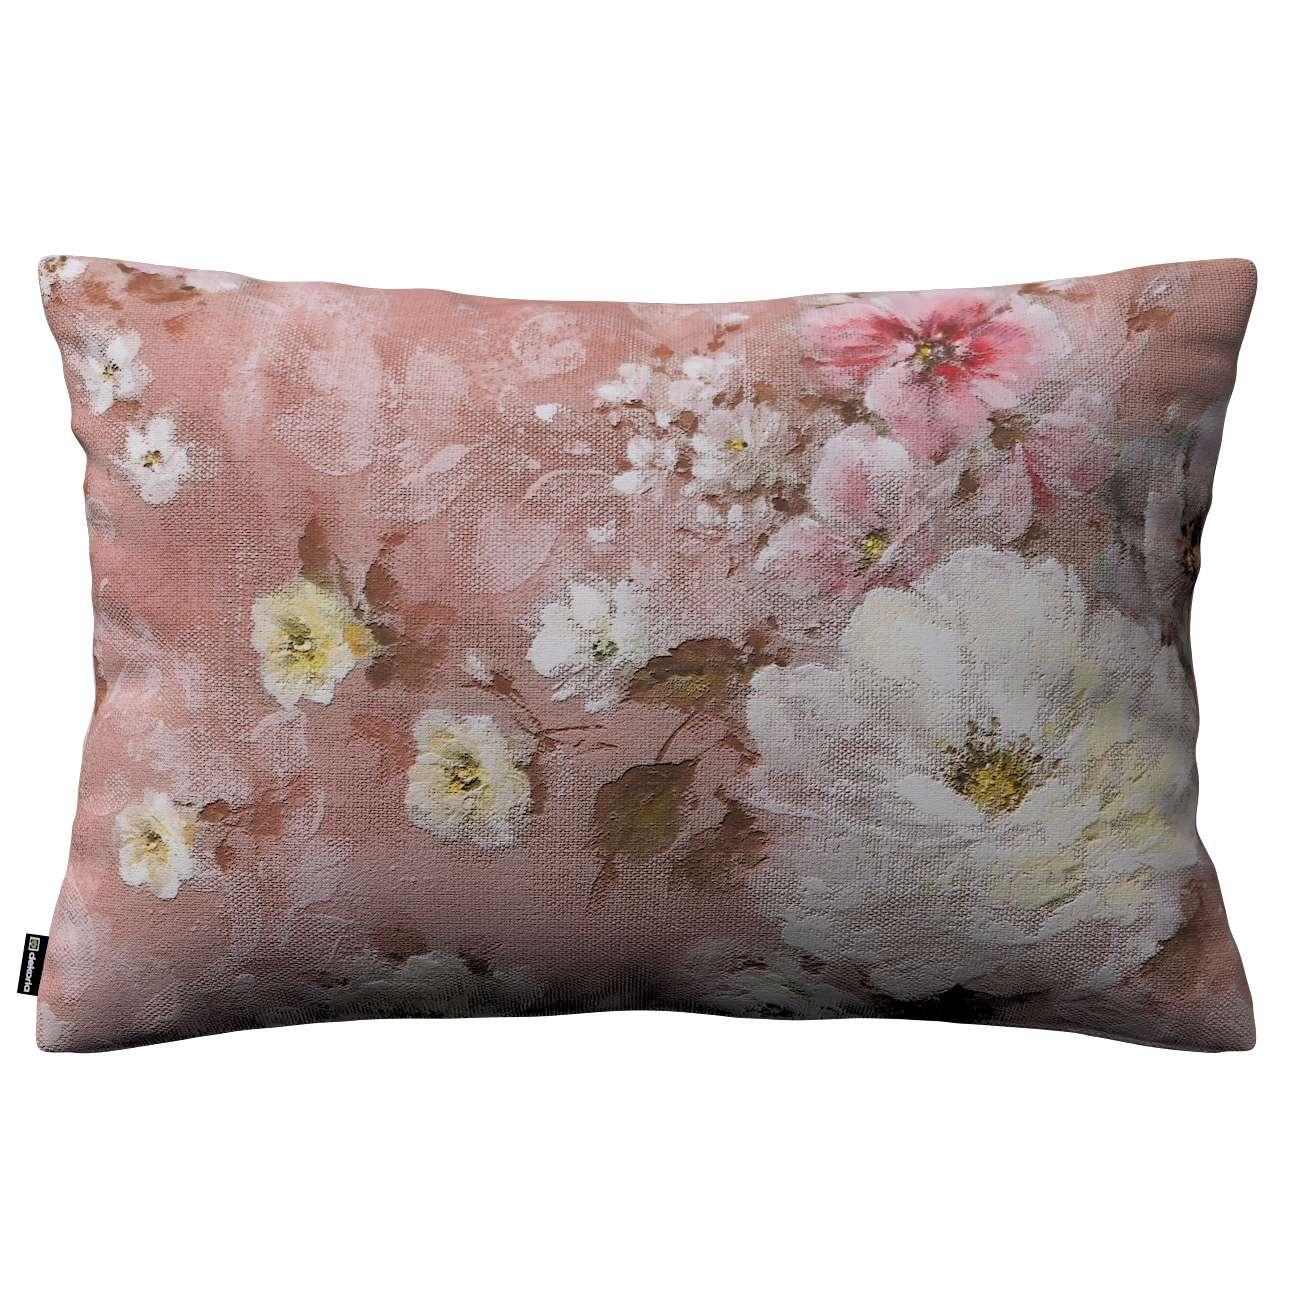 Kinga dekoratyvinės pagalvėlės užvalkalas 60x40cm 60x40cm kolekcijoje Monet, audinys: 137-83